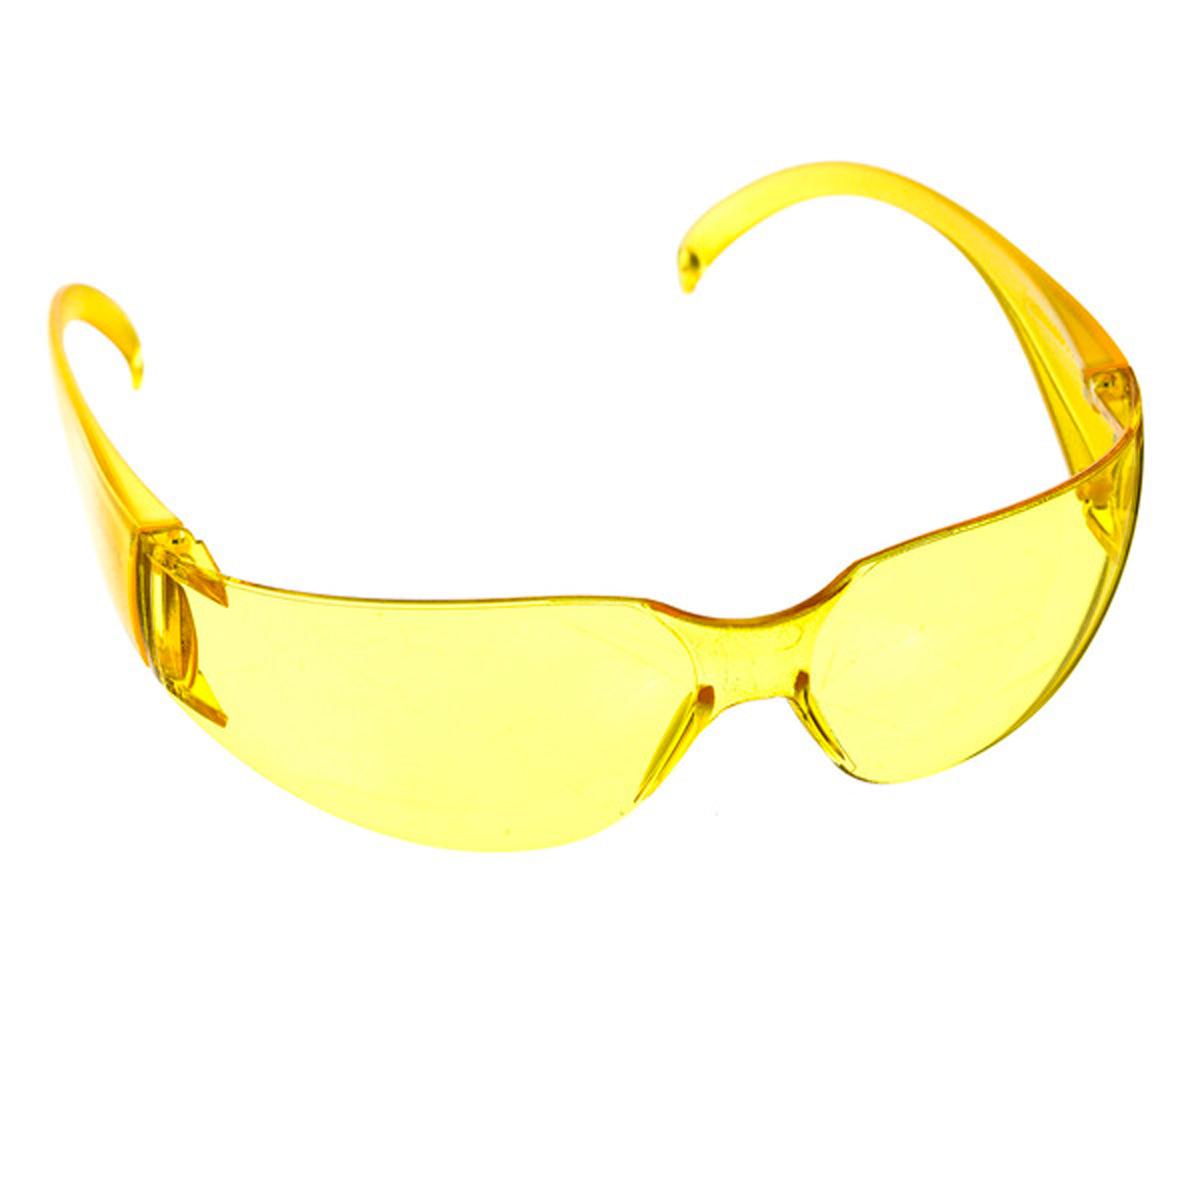 20e079eeee4b1 Óculos de Proteção Super Vision Amarelo Carbografite